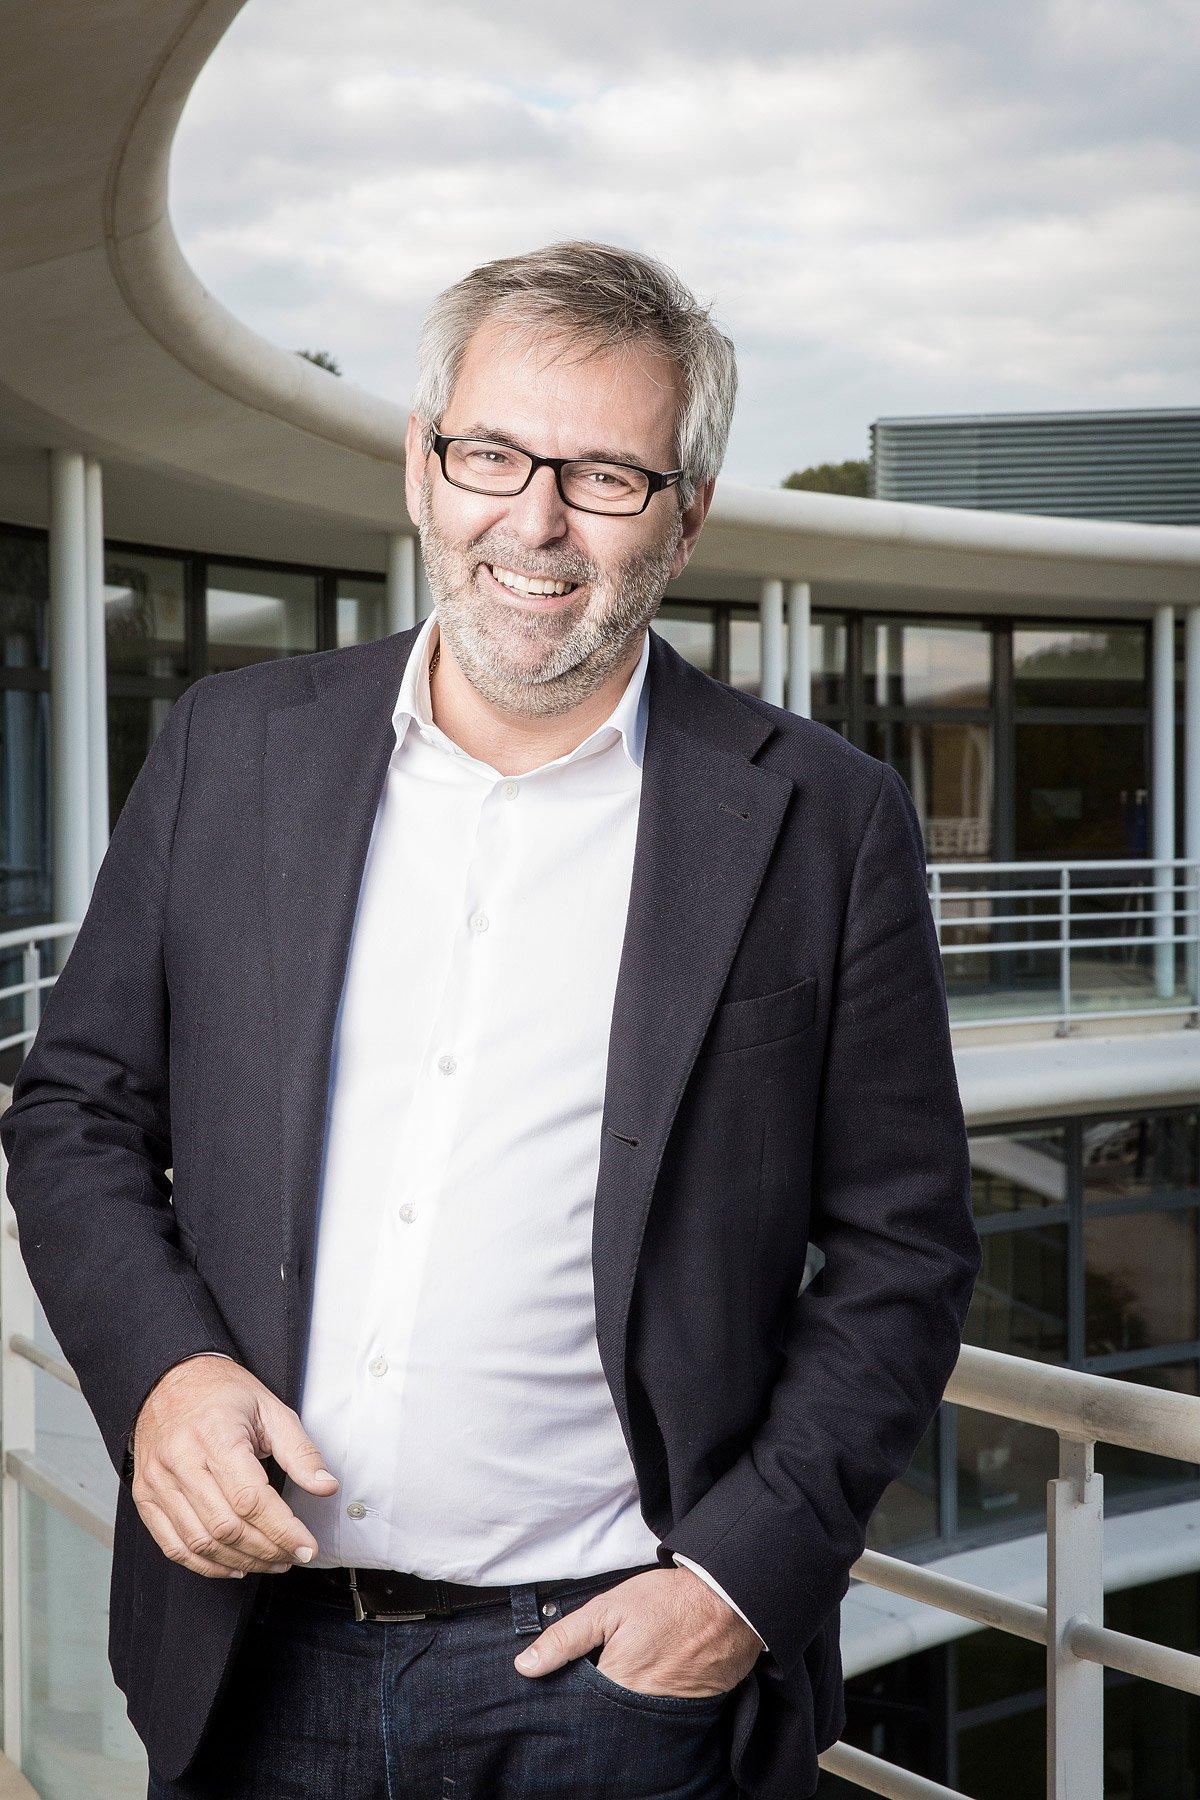 Portrait d'Eric Paumier, à Aix-en-Provence, dans les locaux de HOPPS Group, par Denis Dalmasso, photographe